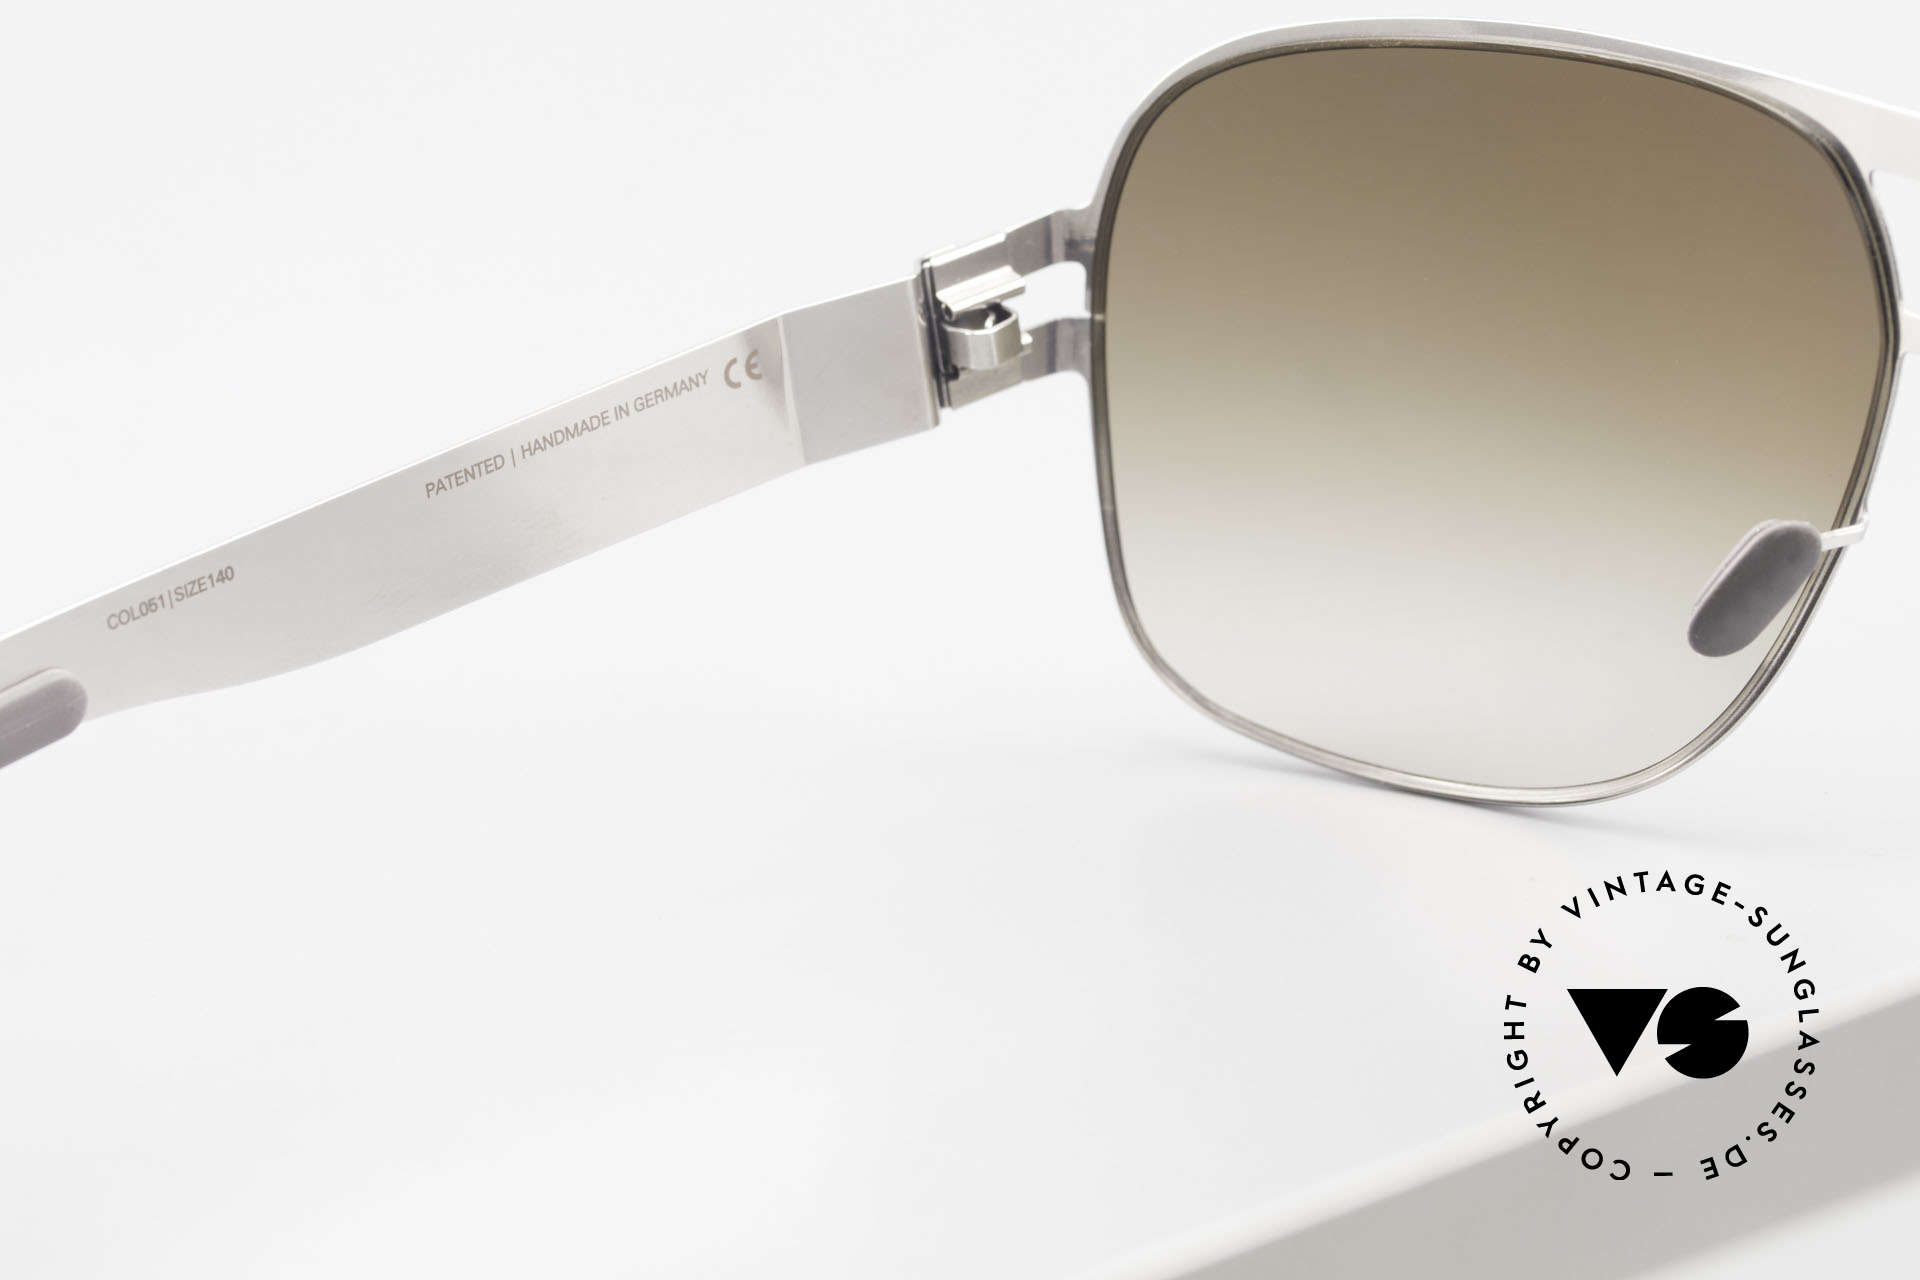 Mykita Clifford 2000er Vintage Aviator Brille, getragen von zahlreichen Promis und inzwischen selten, Passend für Herren